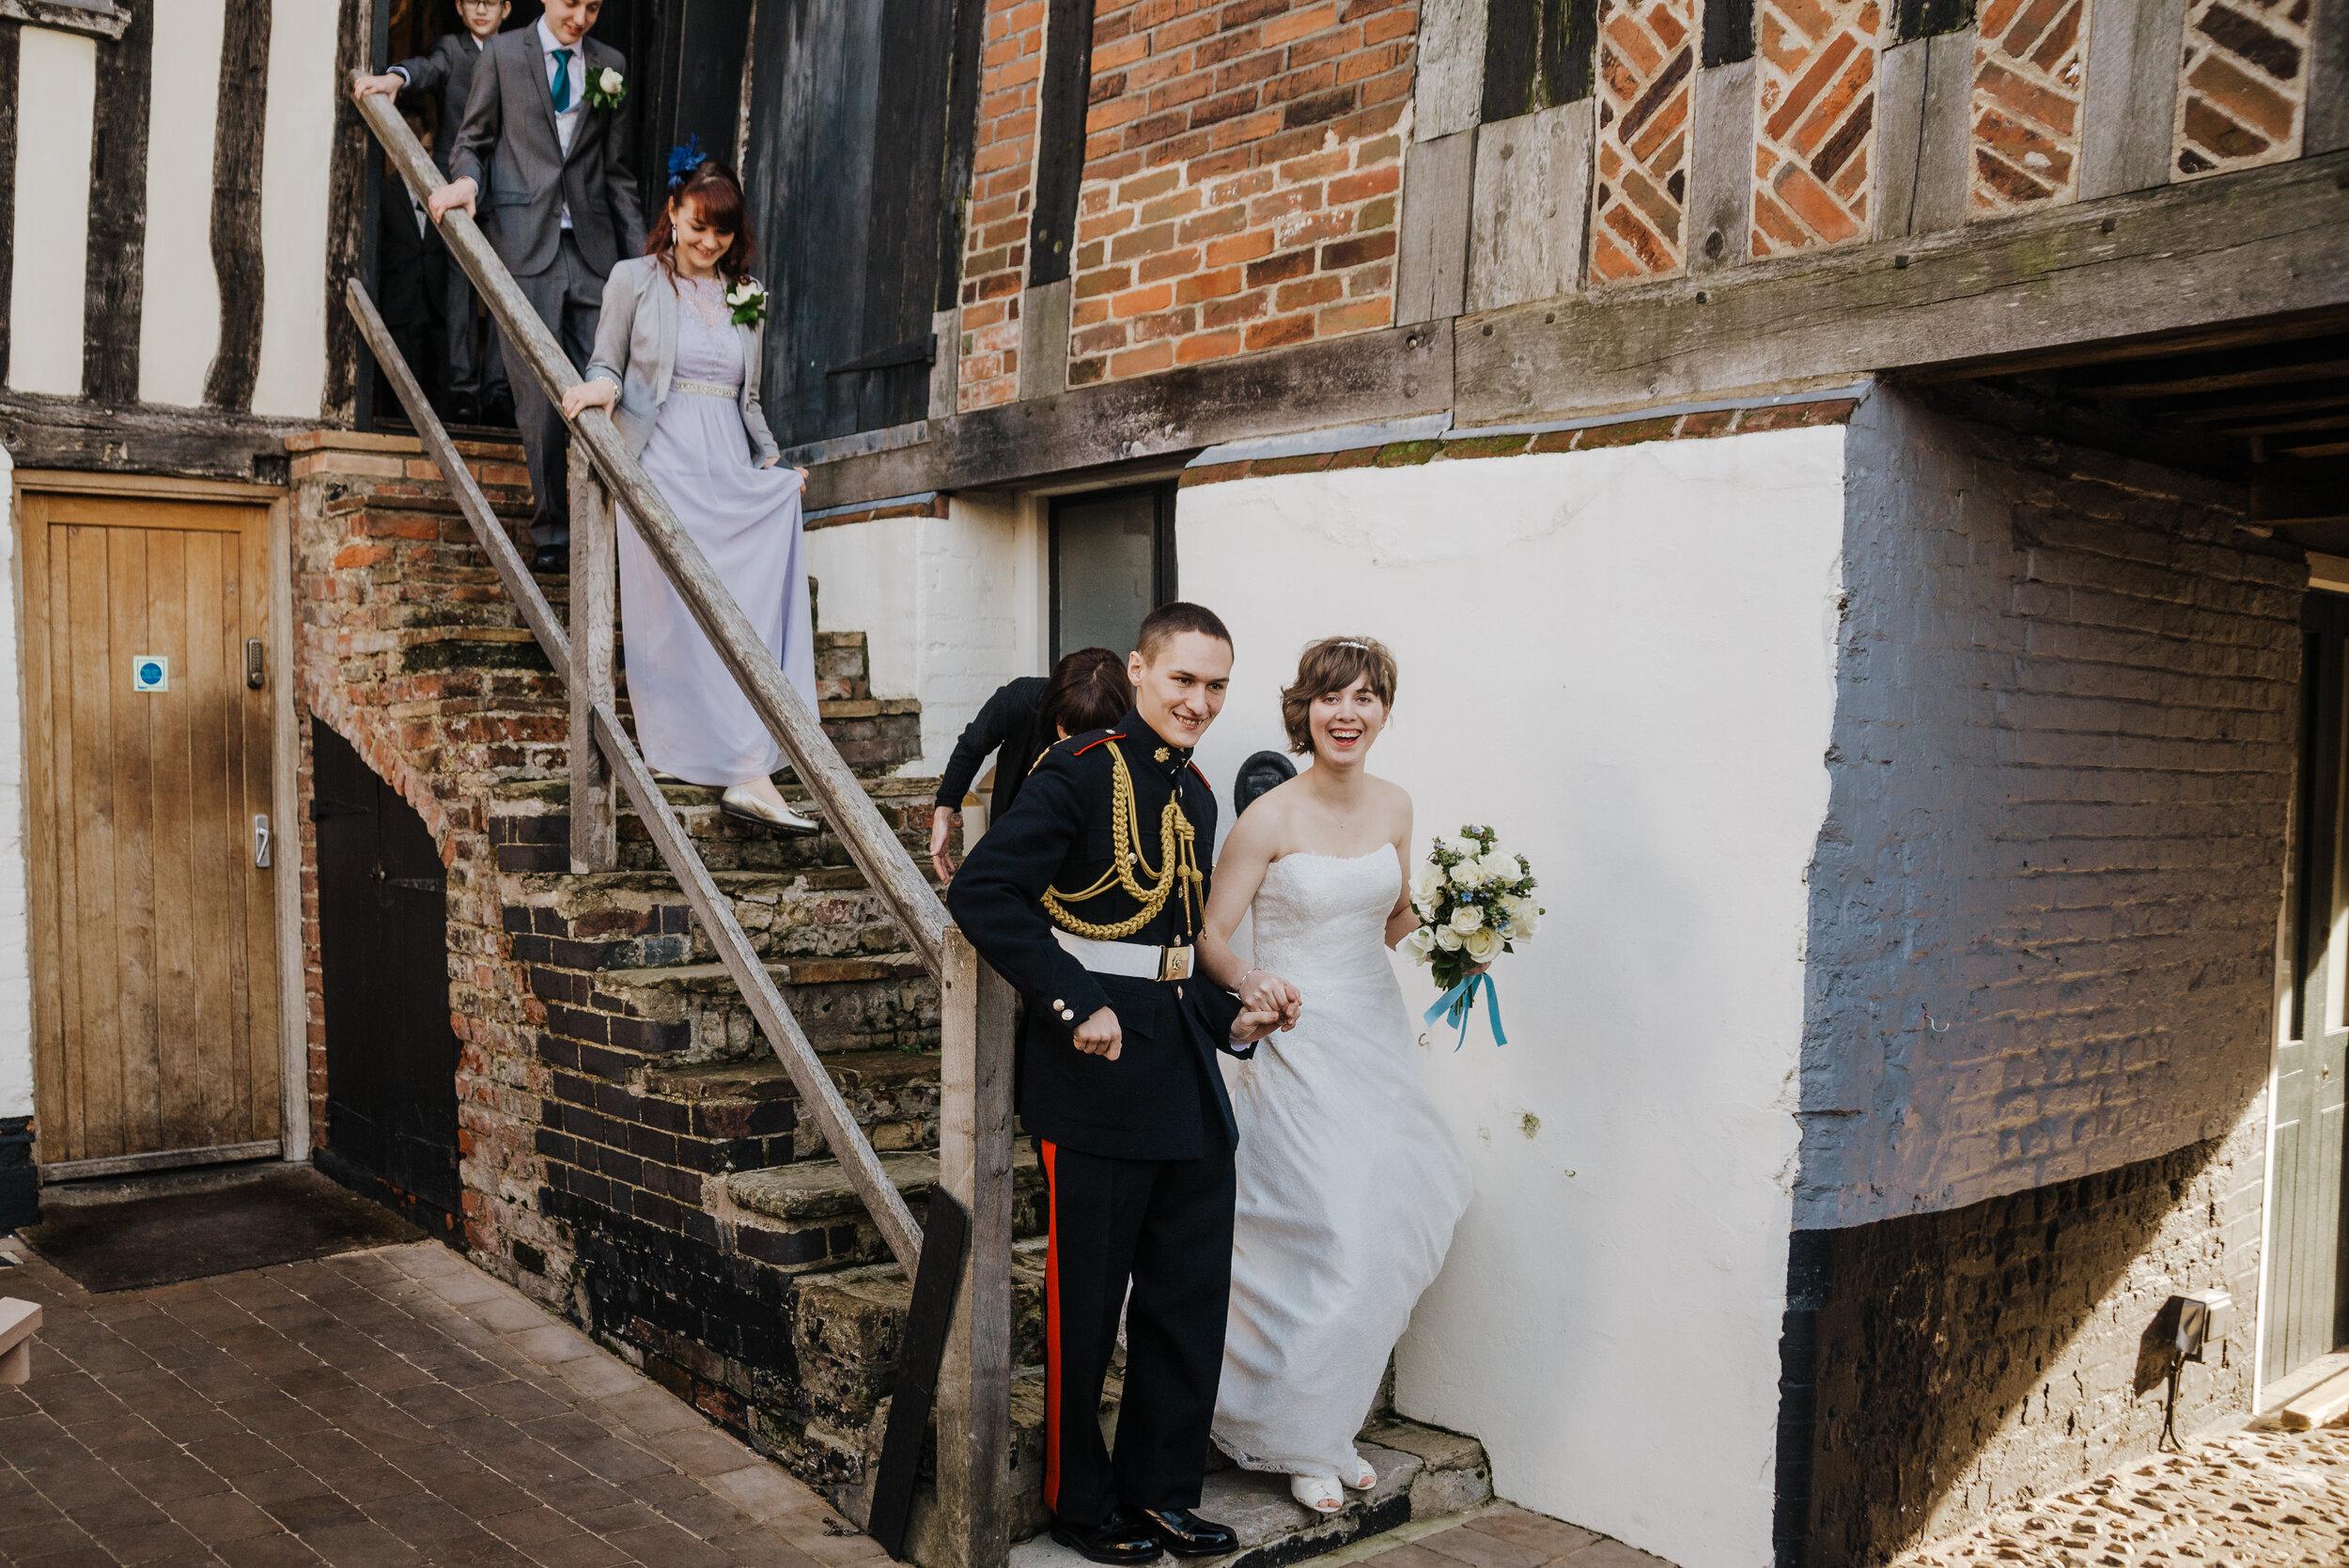 SUFFOLK_WEDDING_PHOTOGRAPHY_ISAACS_WEDDING_VENUE_WEDDINGPHOTOGRAPHERNEARME_iPSWICHWEDDINGPHOTOGRAPHER (48).jpg